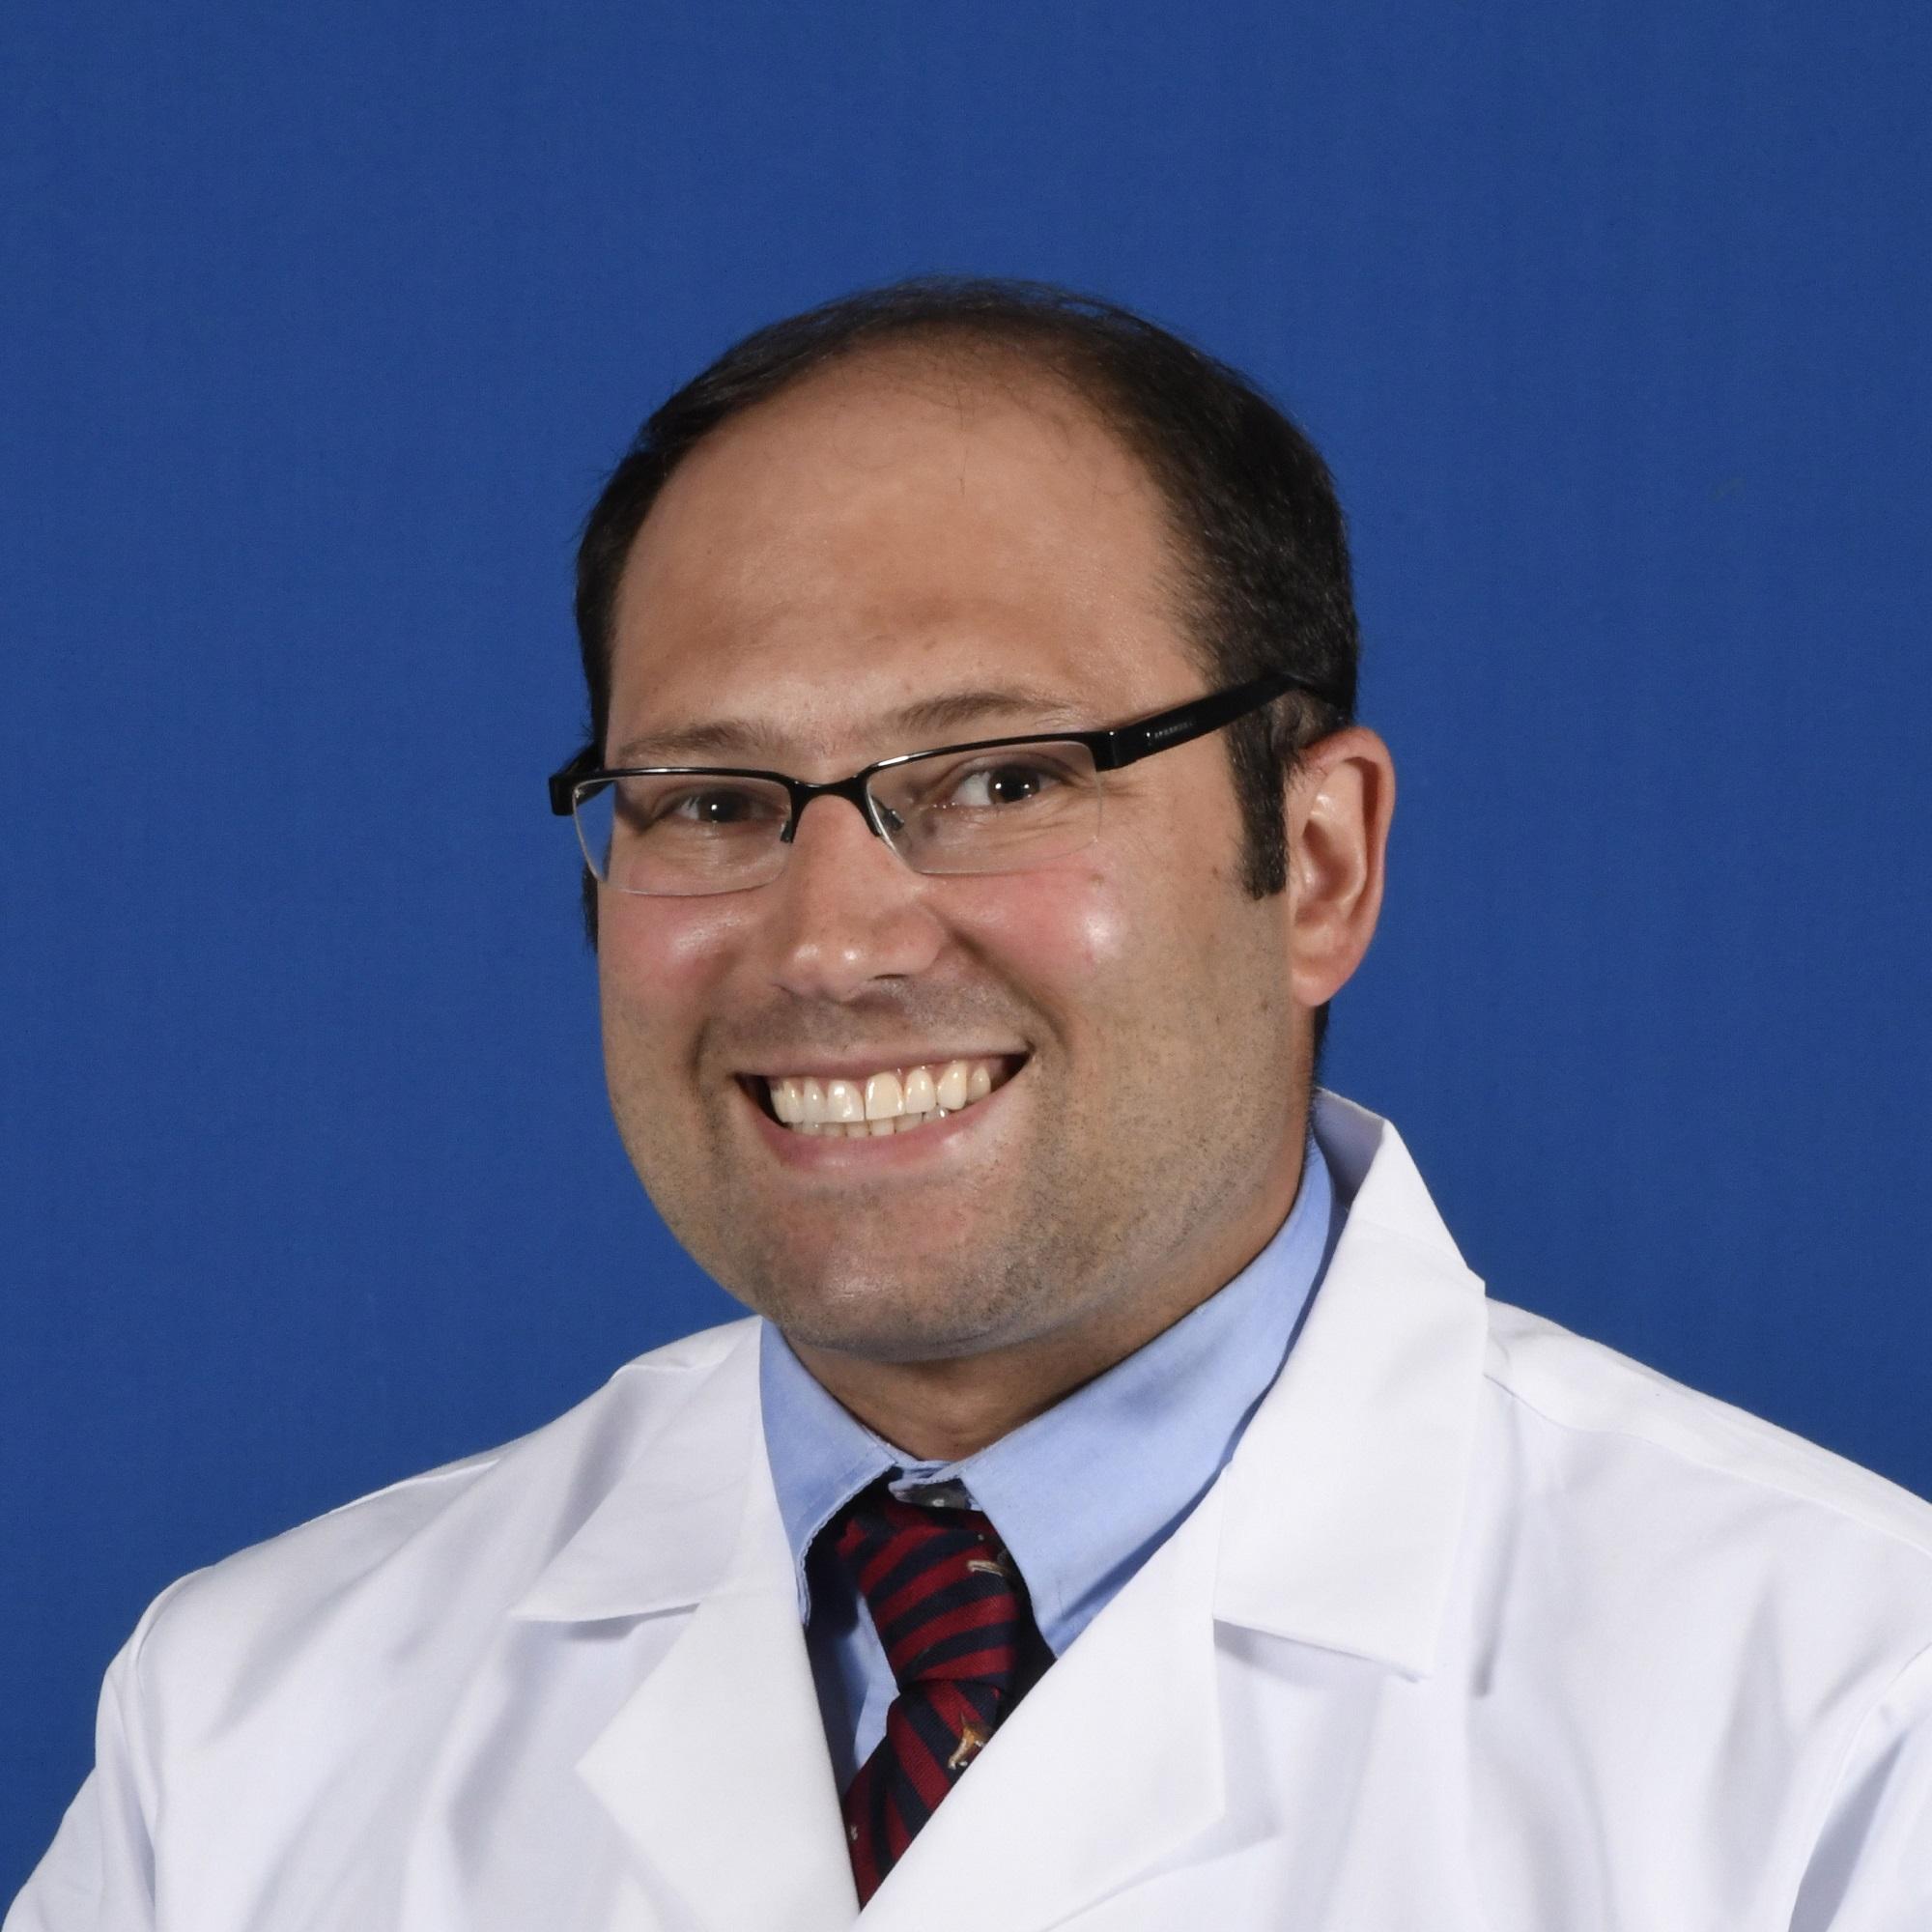 Spencer Langevin, M.D